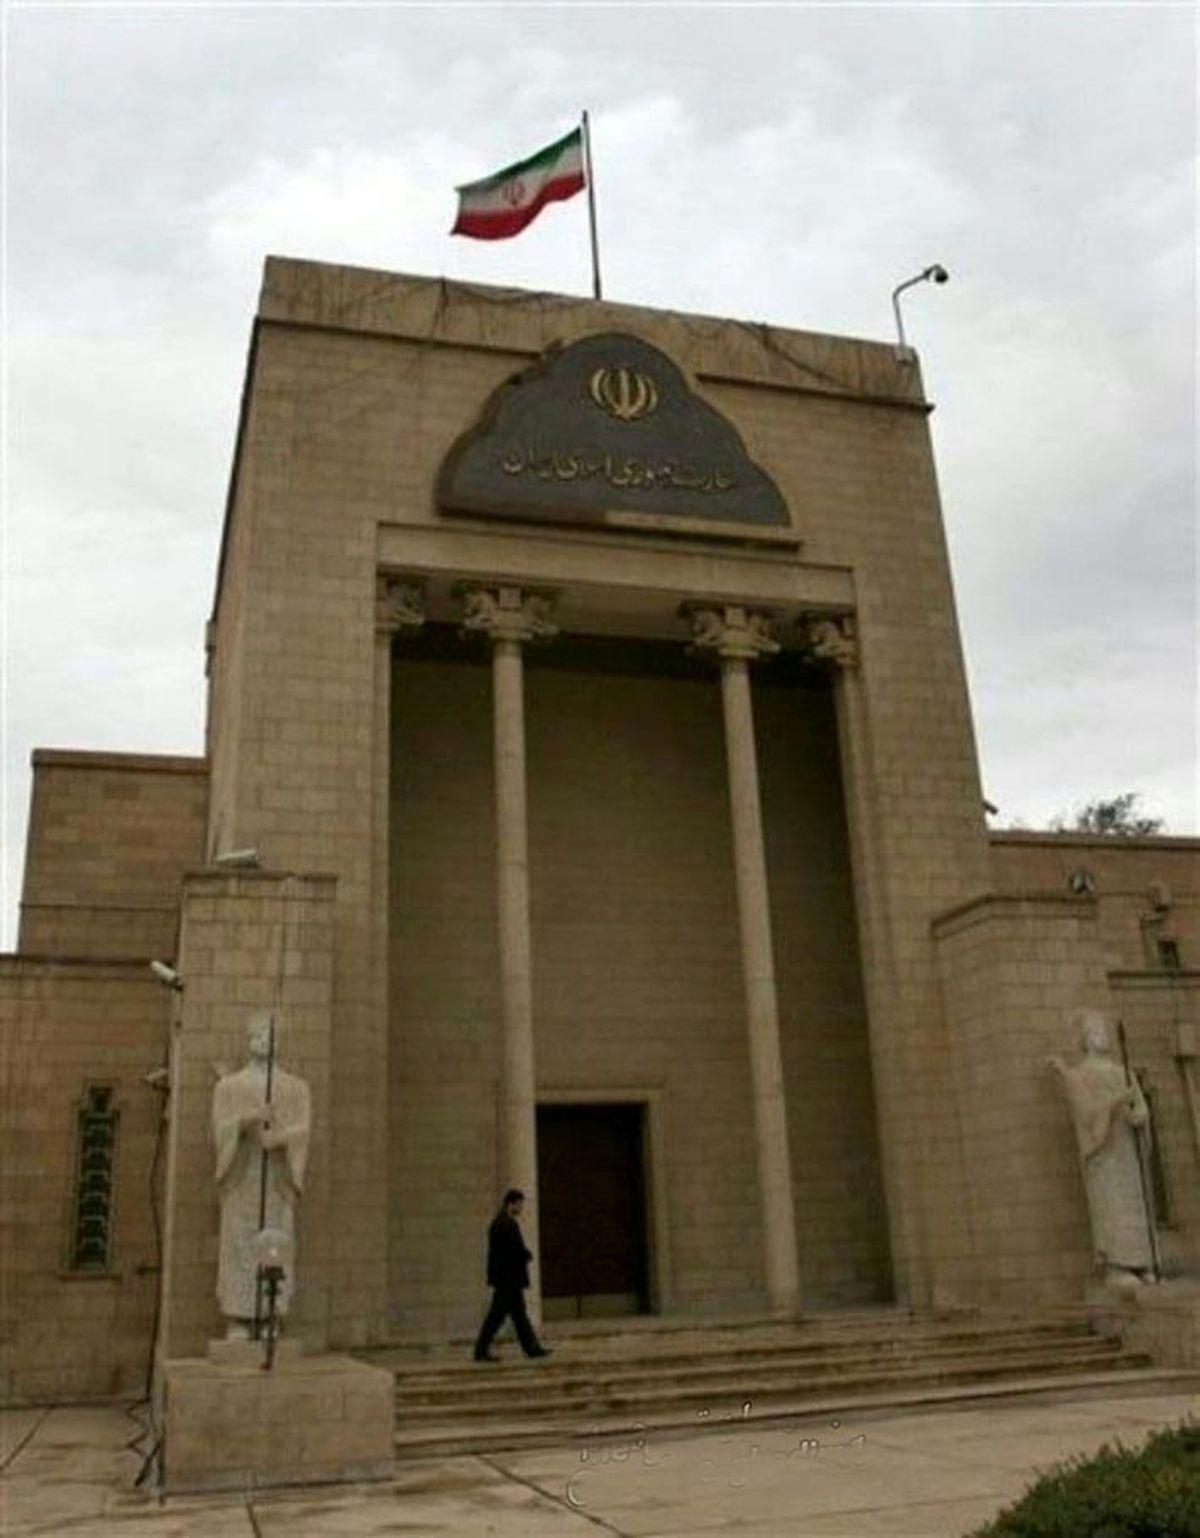 تصویر بنای زیبای سفارت ایران در بغداد با معماری هخامنشی